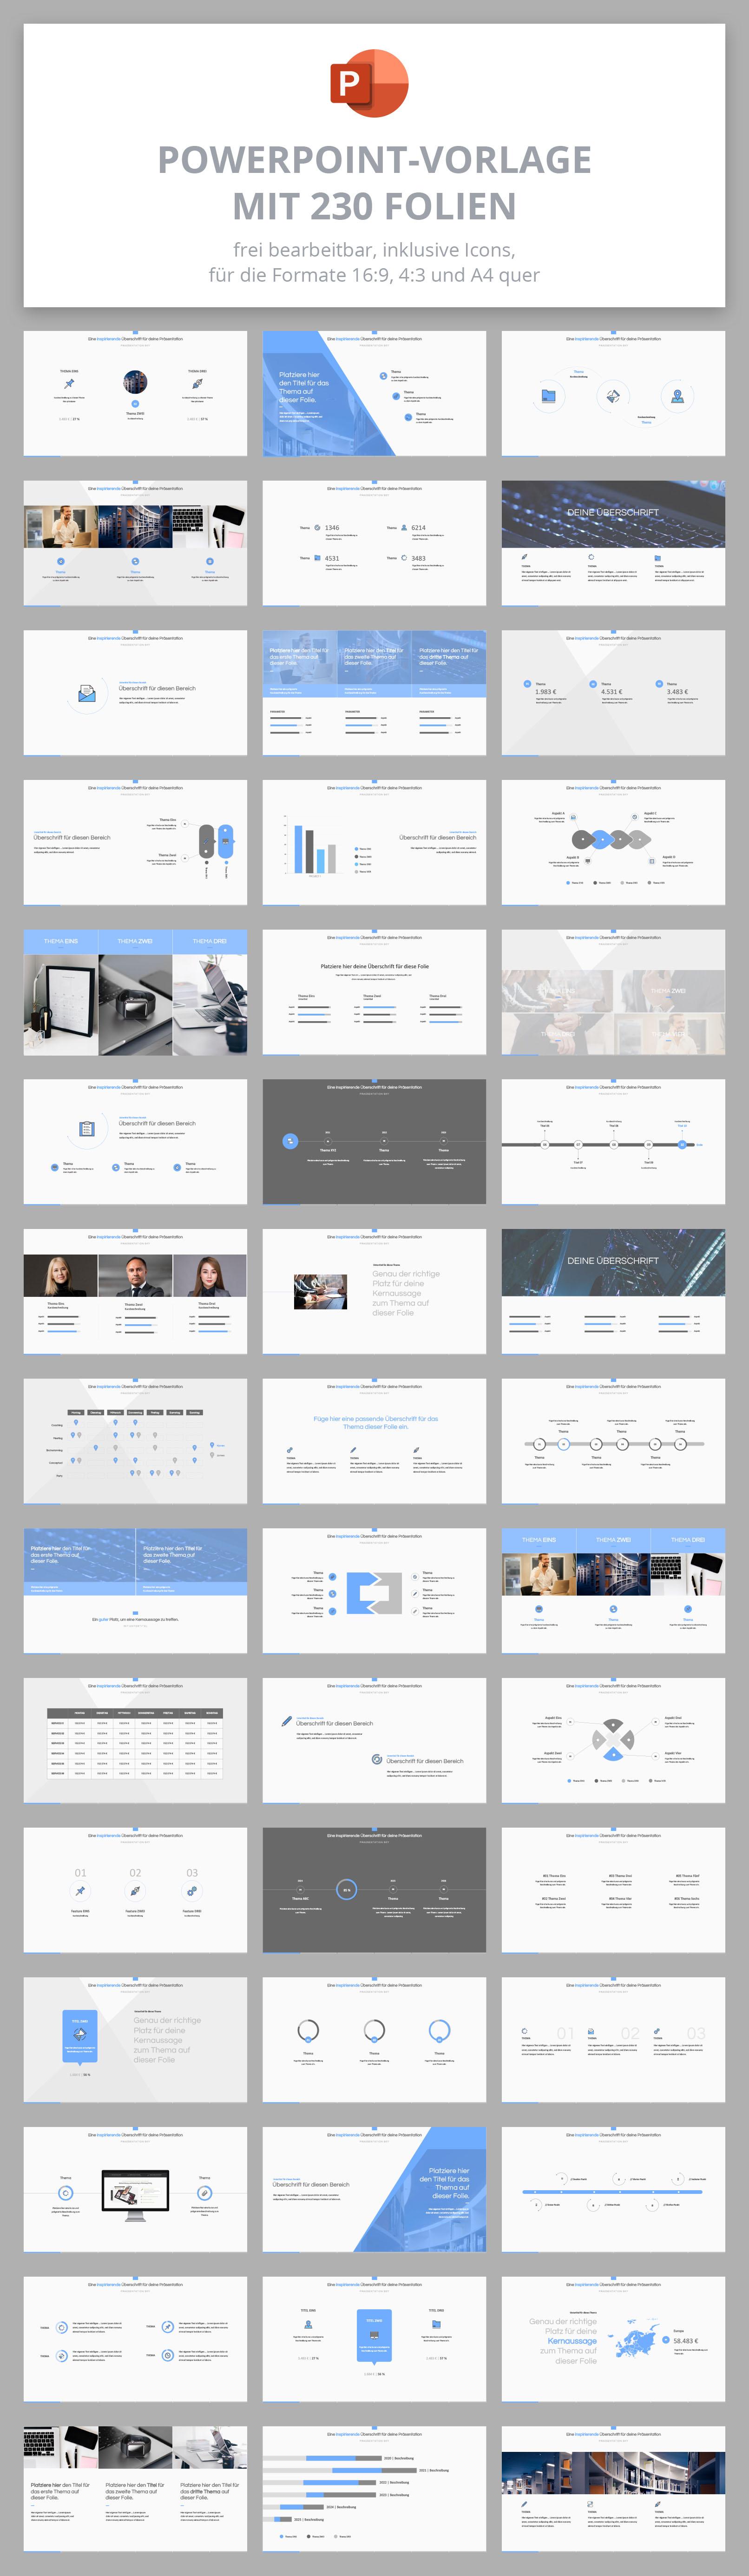 PowerPoint Design-Vorlage Sky, Vorschau auf die 230 Folien